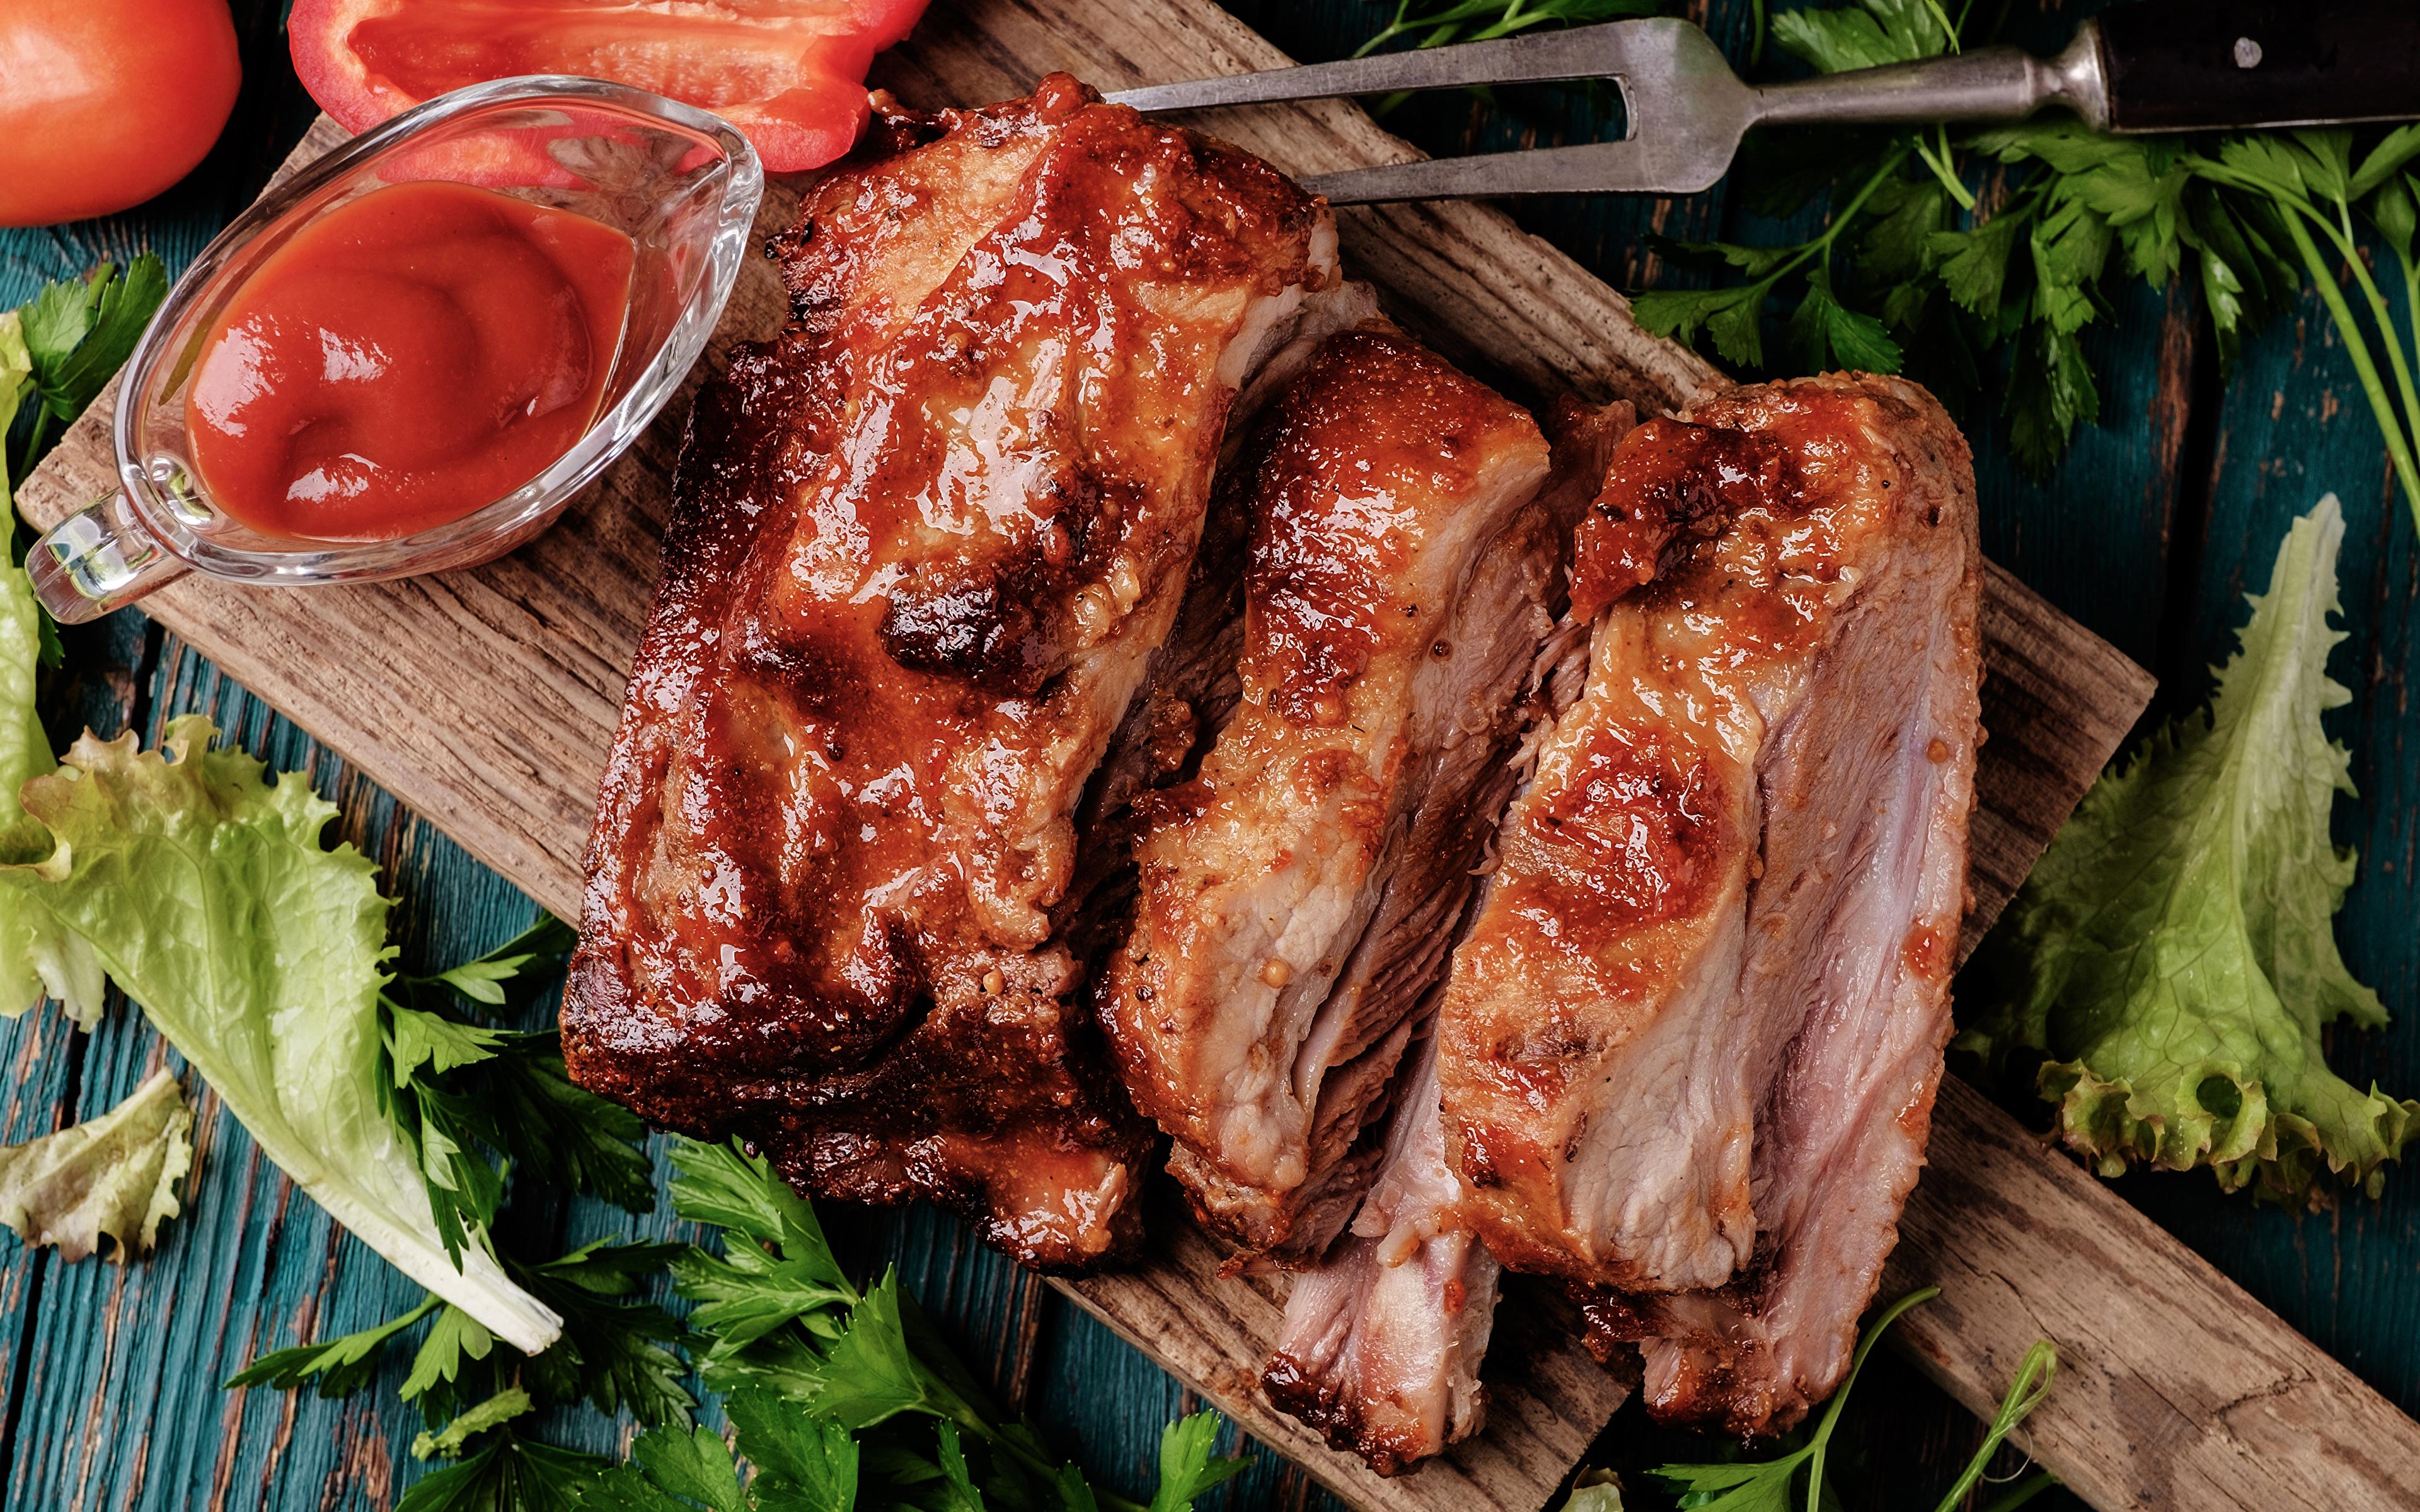 Картинка кетчупа Еда Разделочная доска Мясные продукты 3840x2400 Кетчуп кетчупом Пища Продукты питания разделочной доске